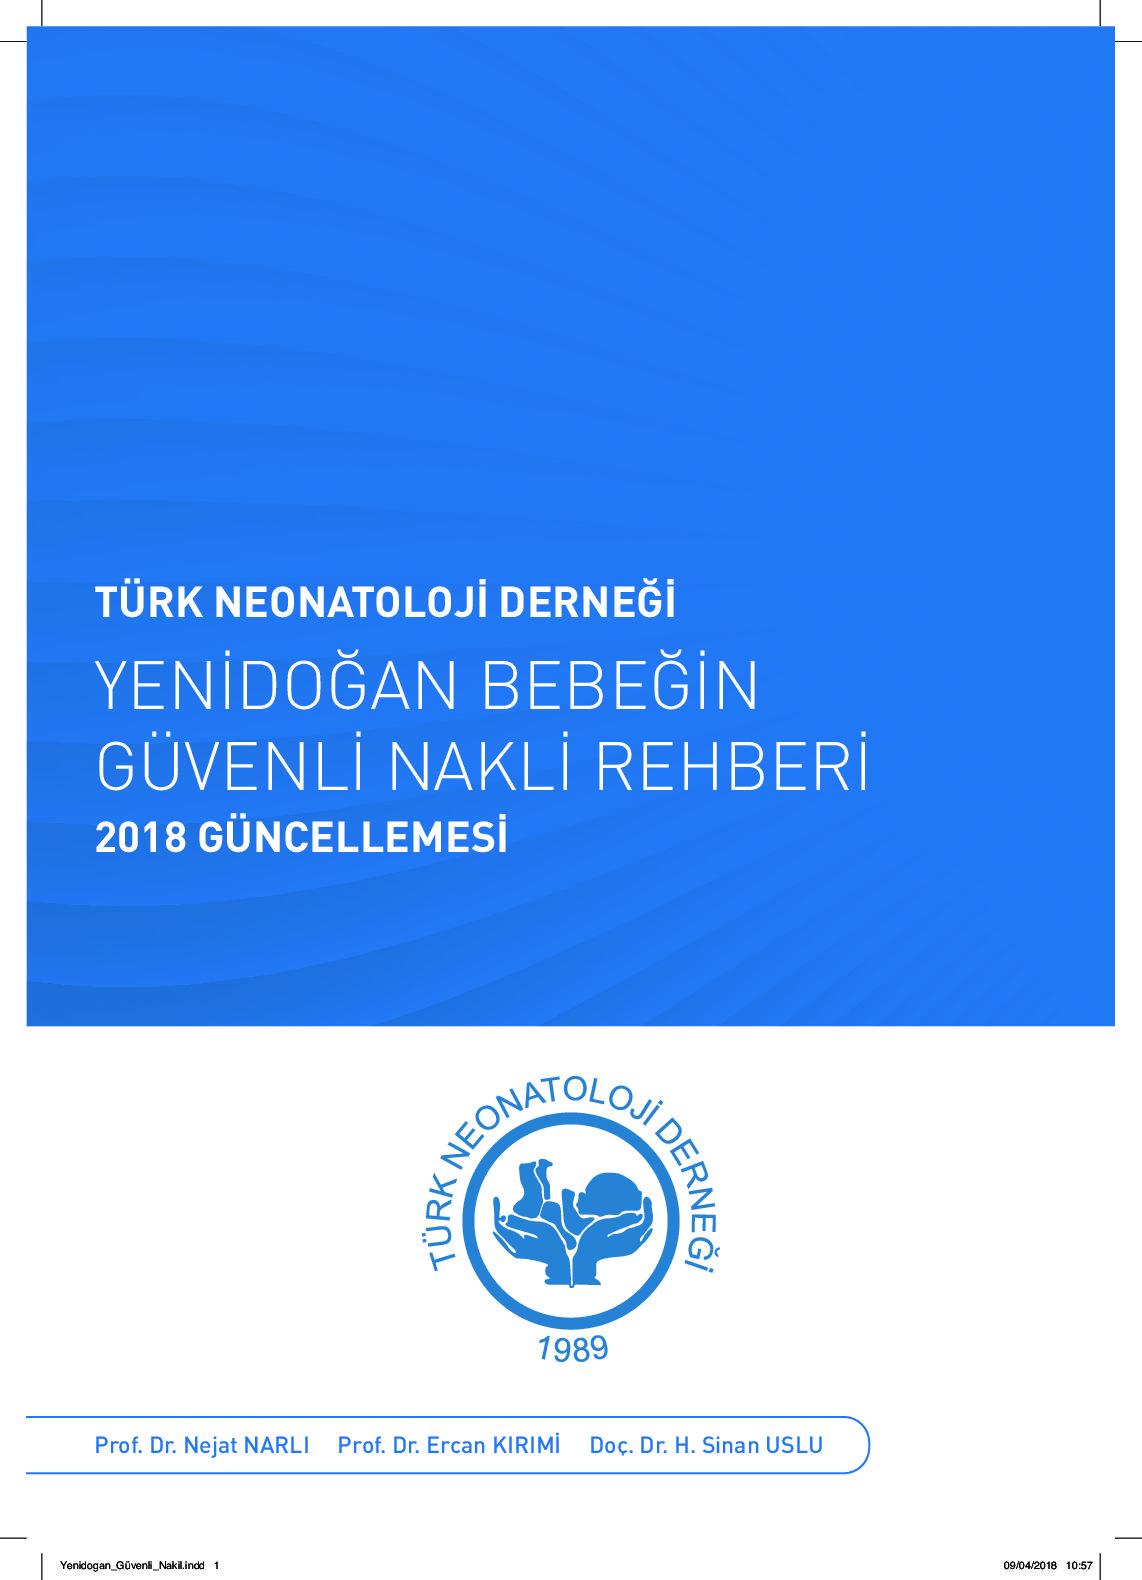 thumbnail of Yenidoğan Bebeğin Güvenli Nakli Rehberi - 2018